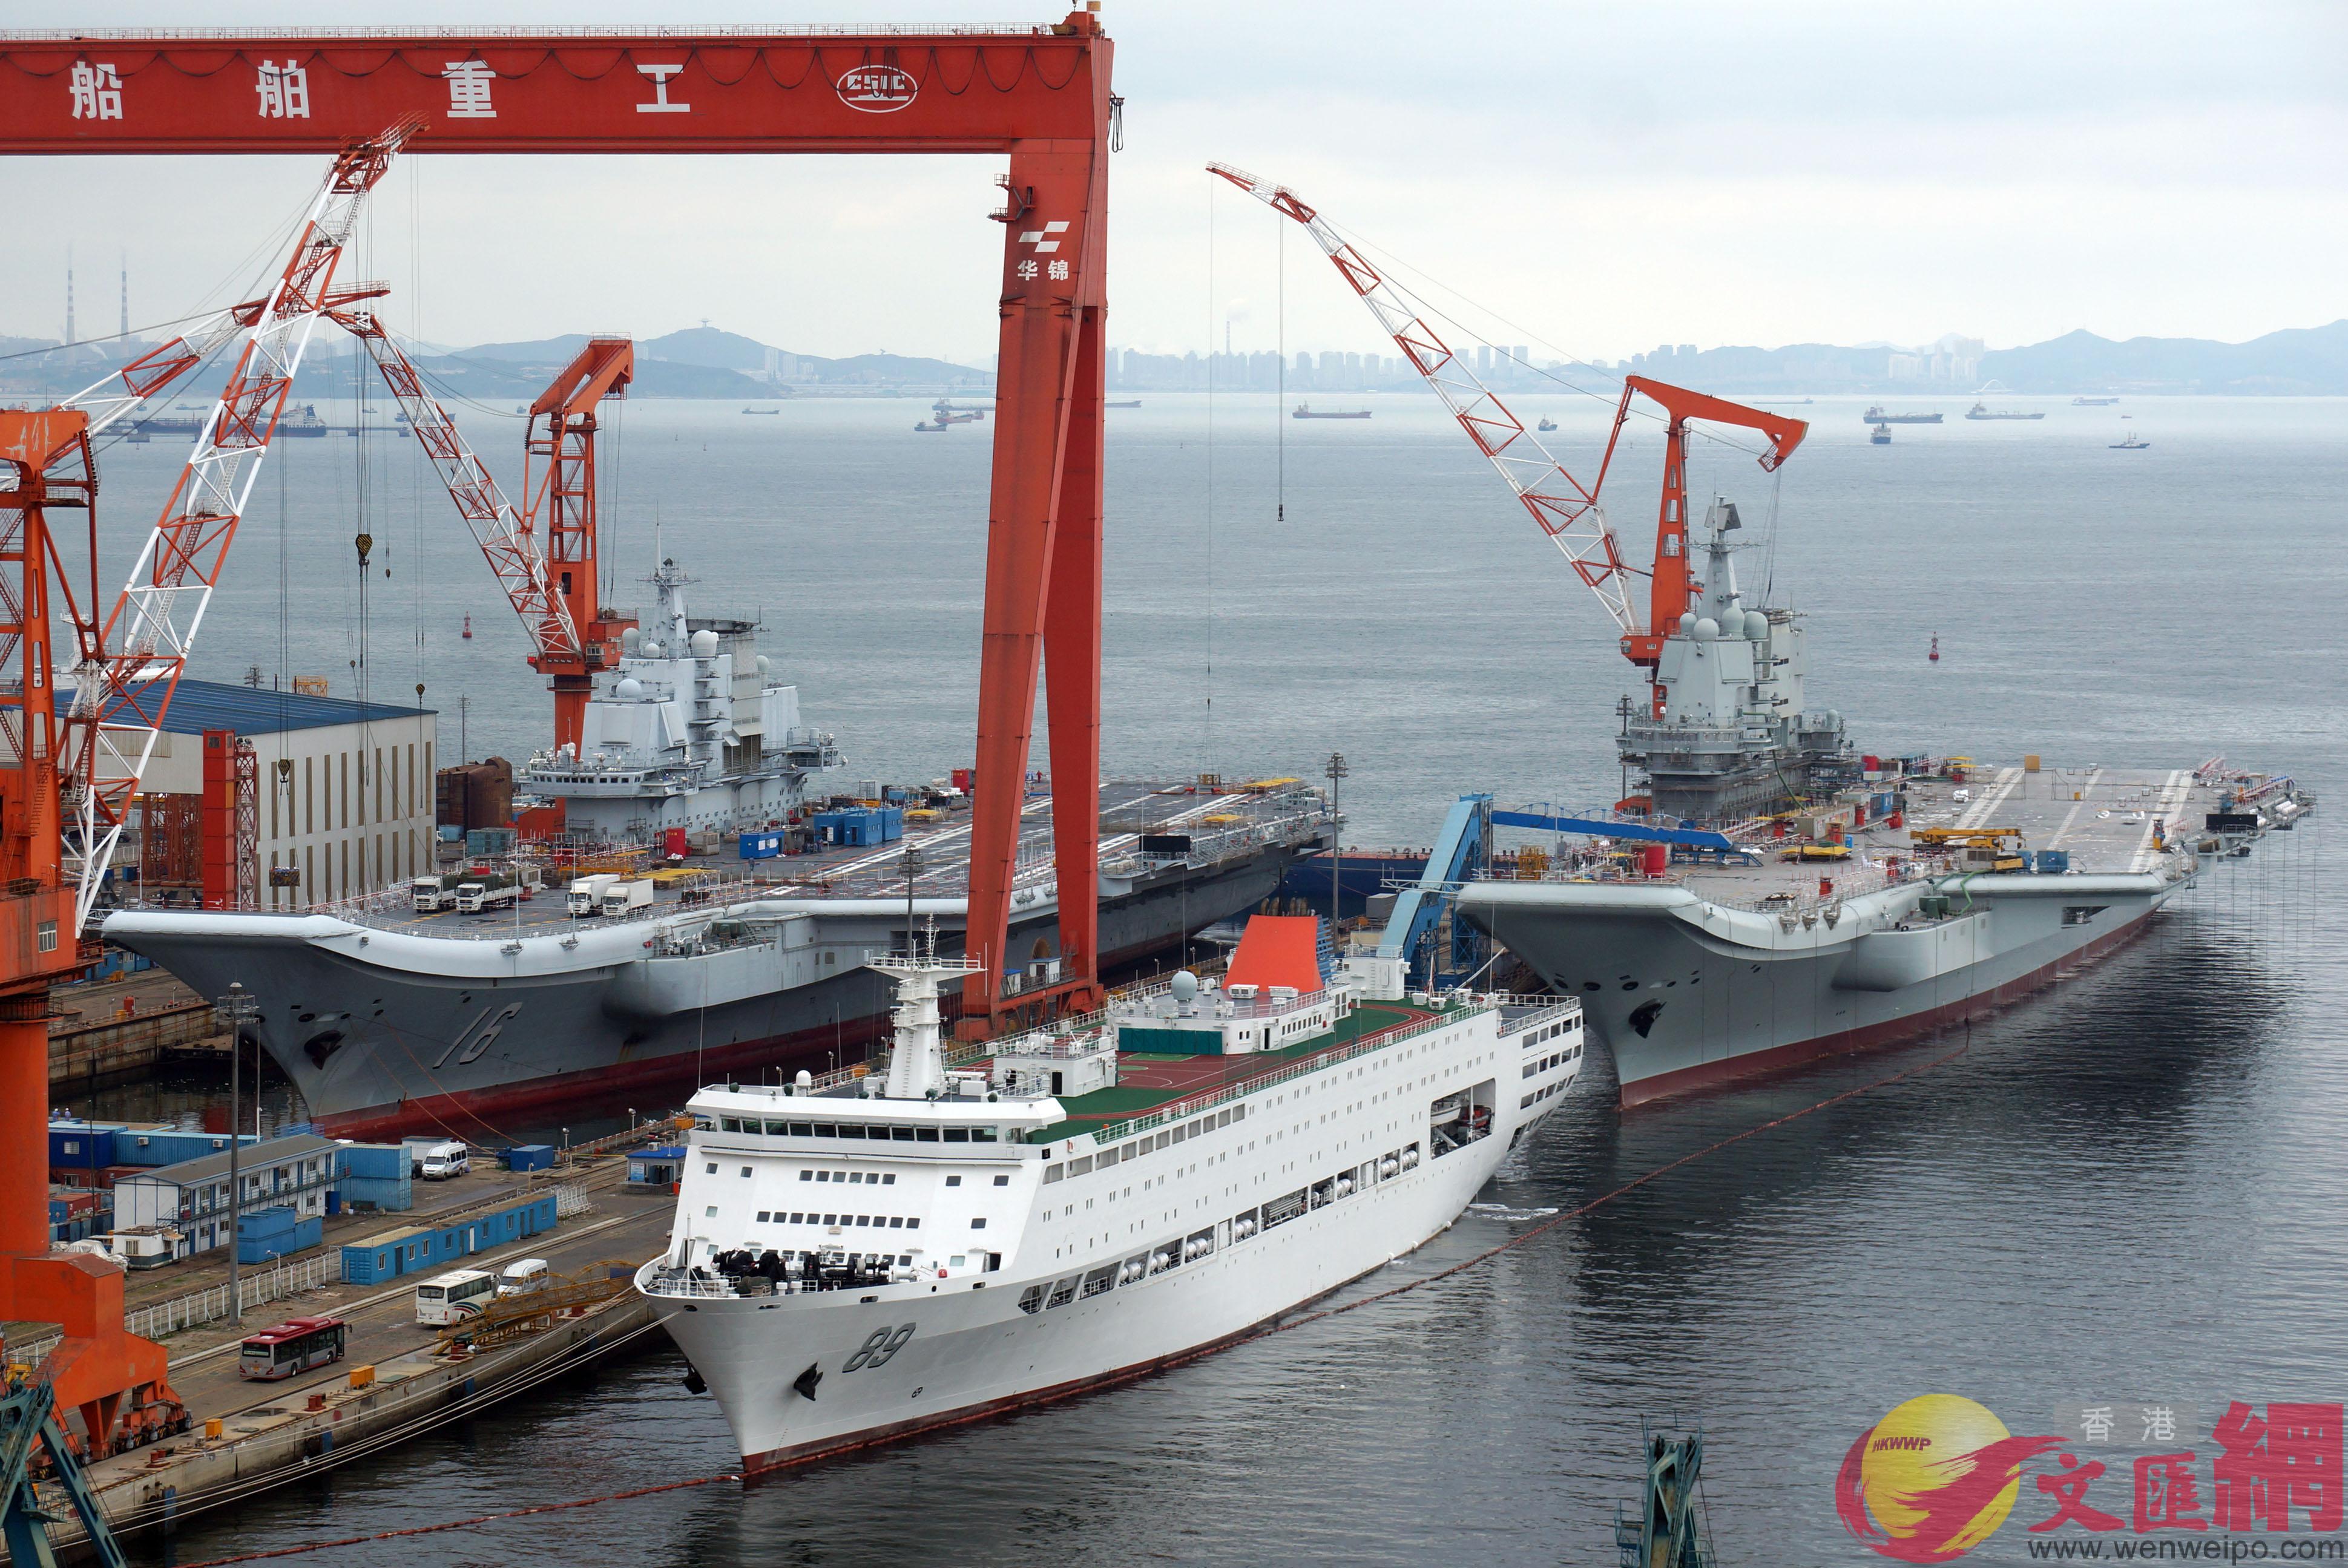 2018年7月10日,國產航母與遼寧艦在大連造船廠「雙艦合璧」 。(記者宋偉攝)